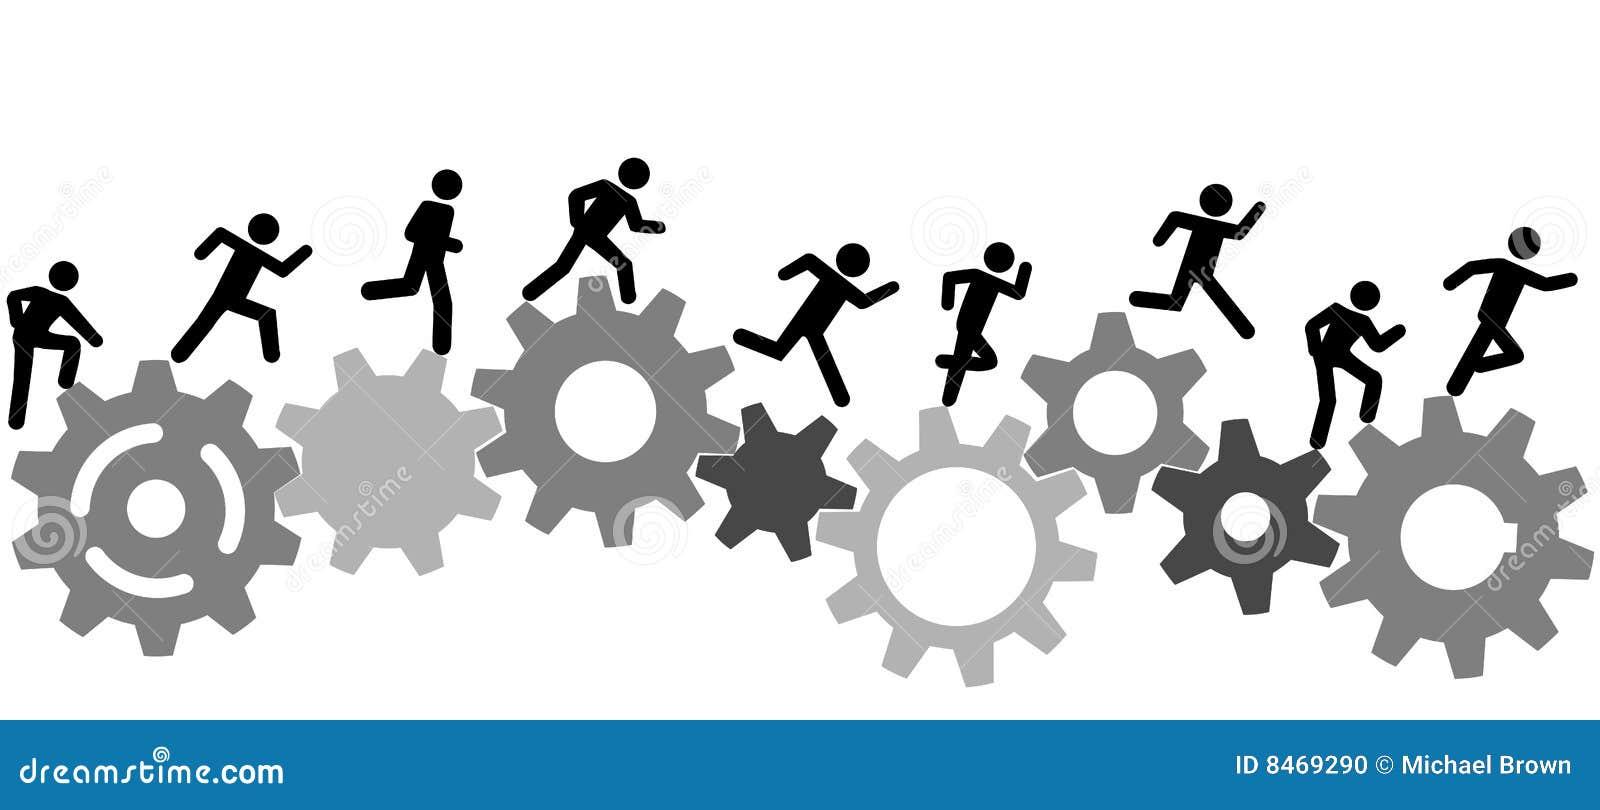 Symbolleute lassen ein Rennen auf Industriegängen laufen